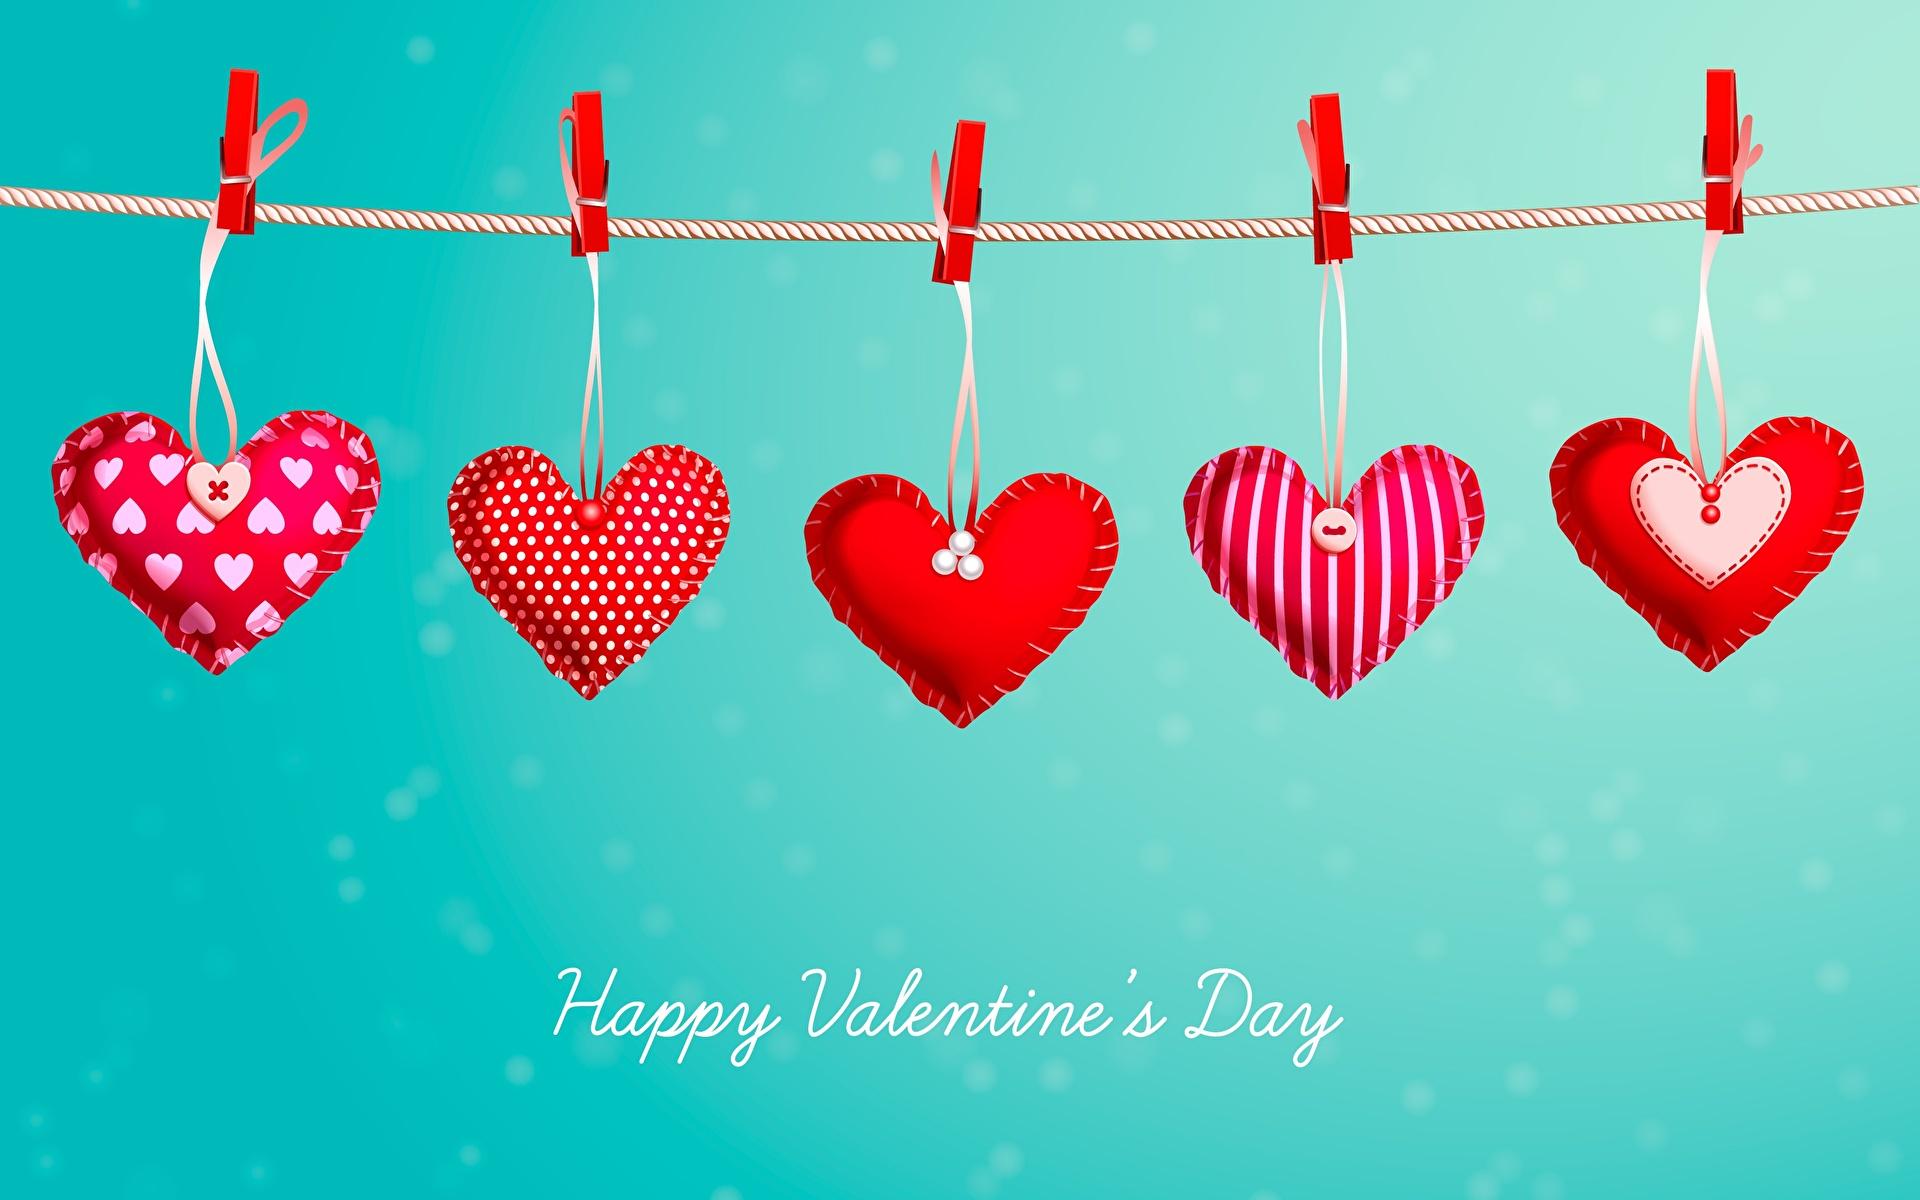 Фотографии День всех влюблённых Английский Сердце Прищепки Слово - Надпись 1920x1200 День святого Валентина английская инглийские серце сердца сердечко слова текст